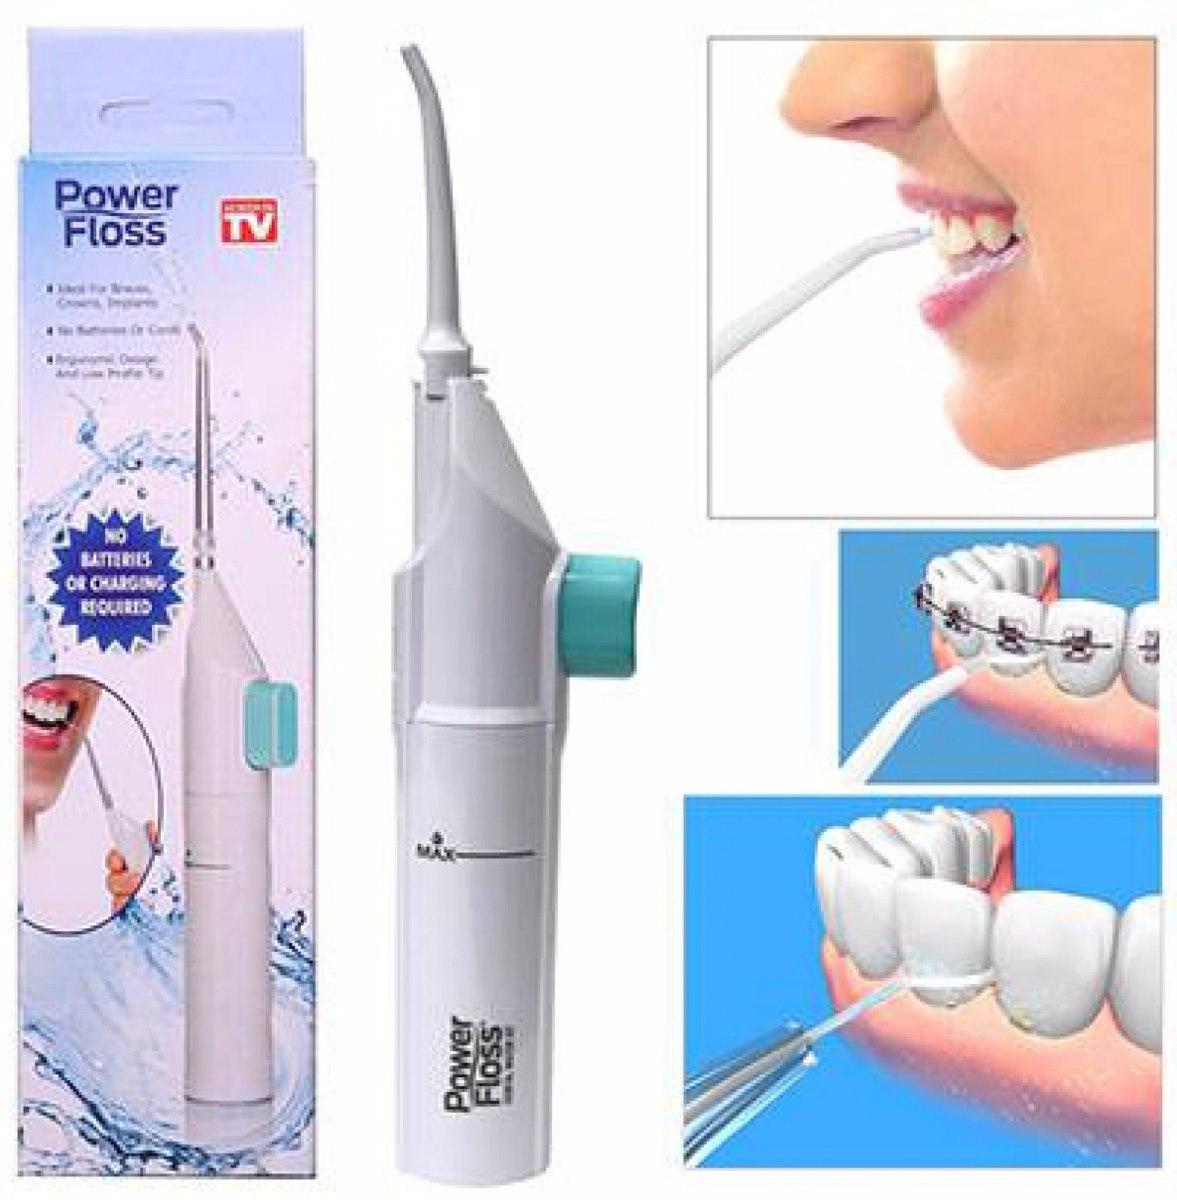 18a6c3bbd jato de agua limpeza oral dental bucal power floss. Carregando zoom.